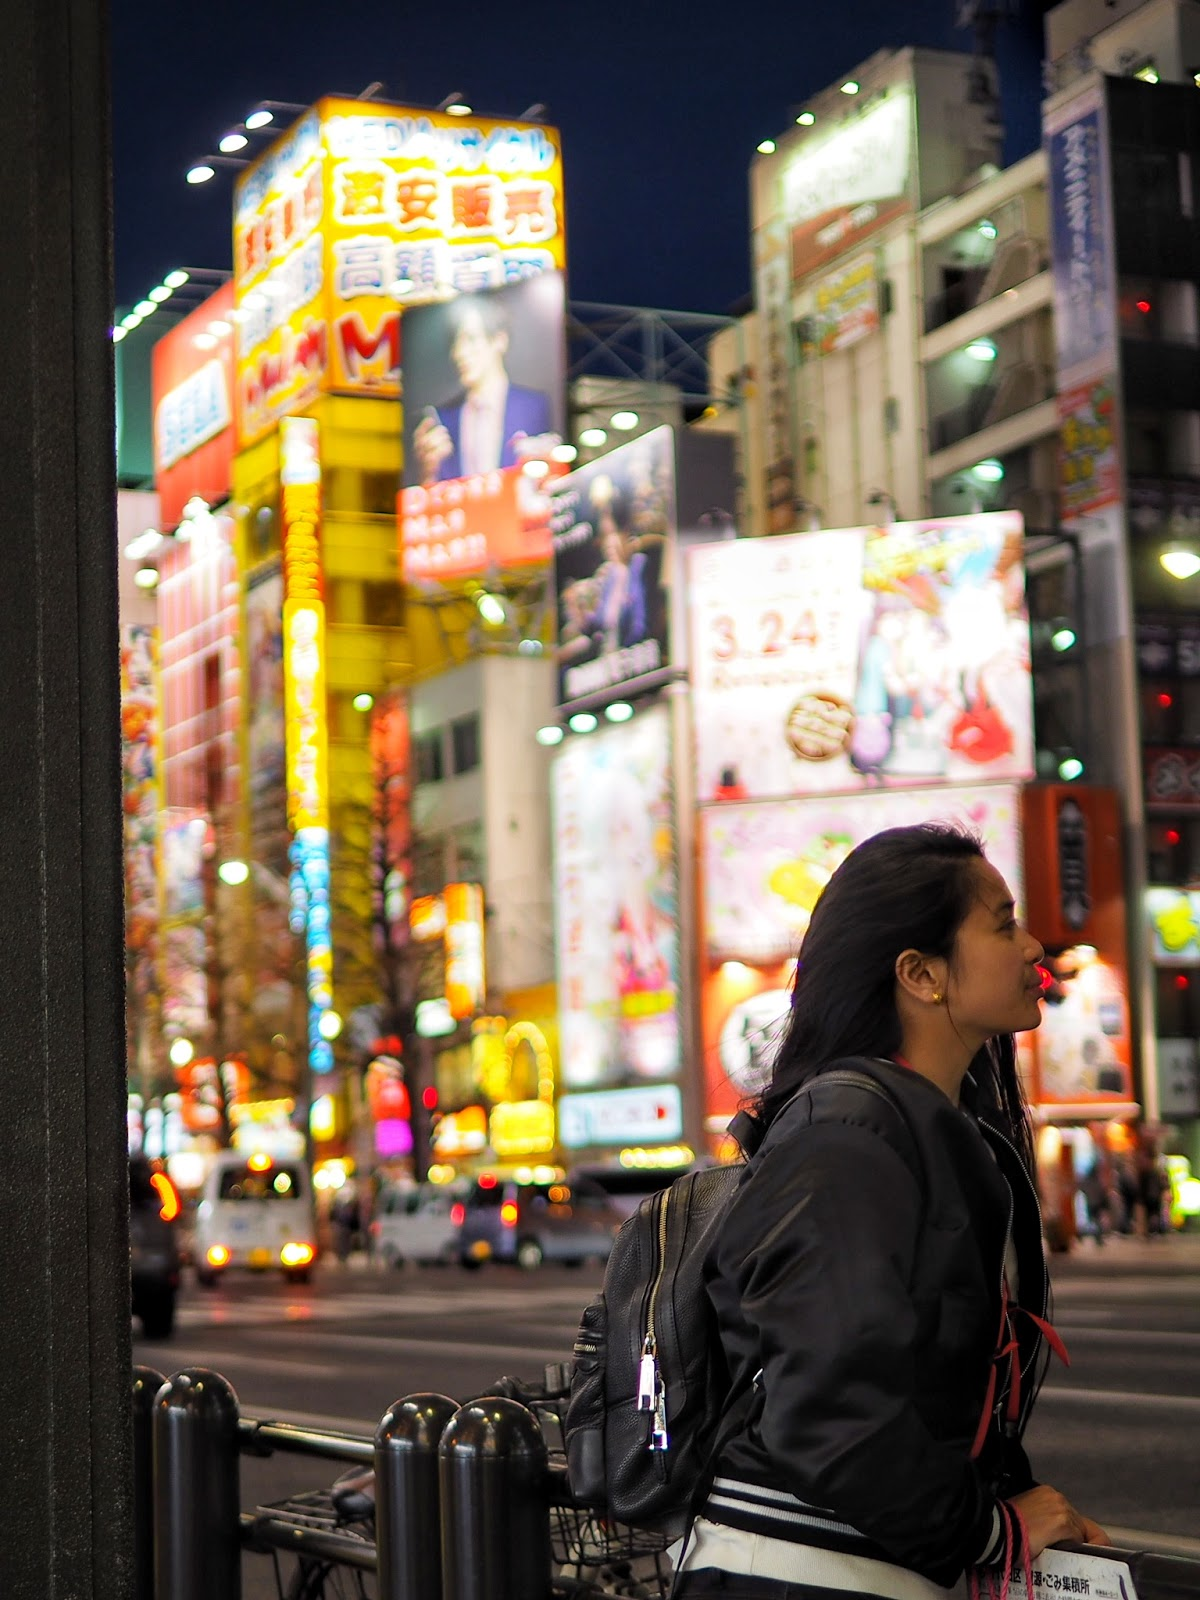 Tokyo Japan hm bomber jacket marc jacobs backpack